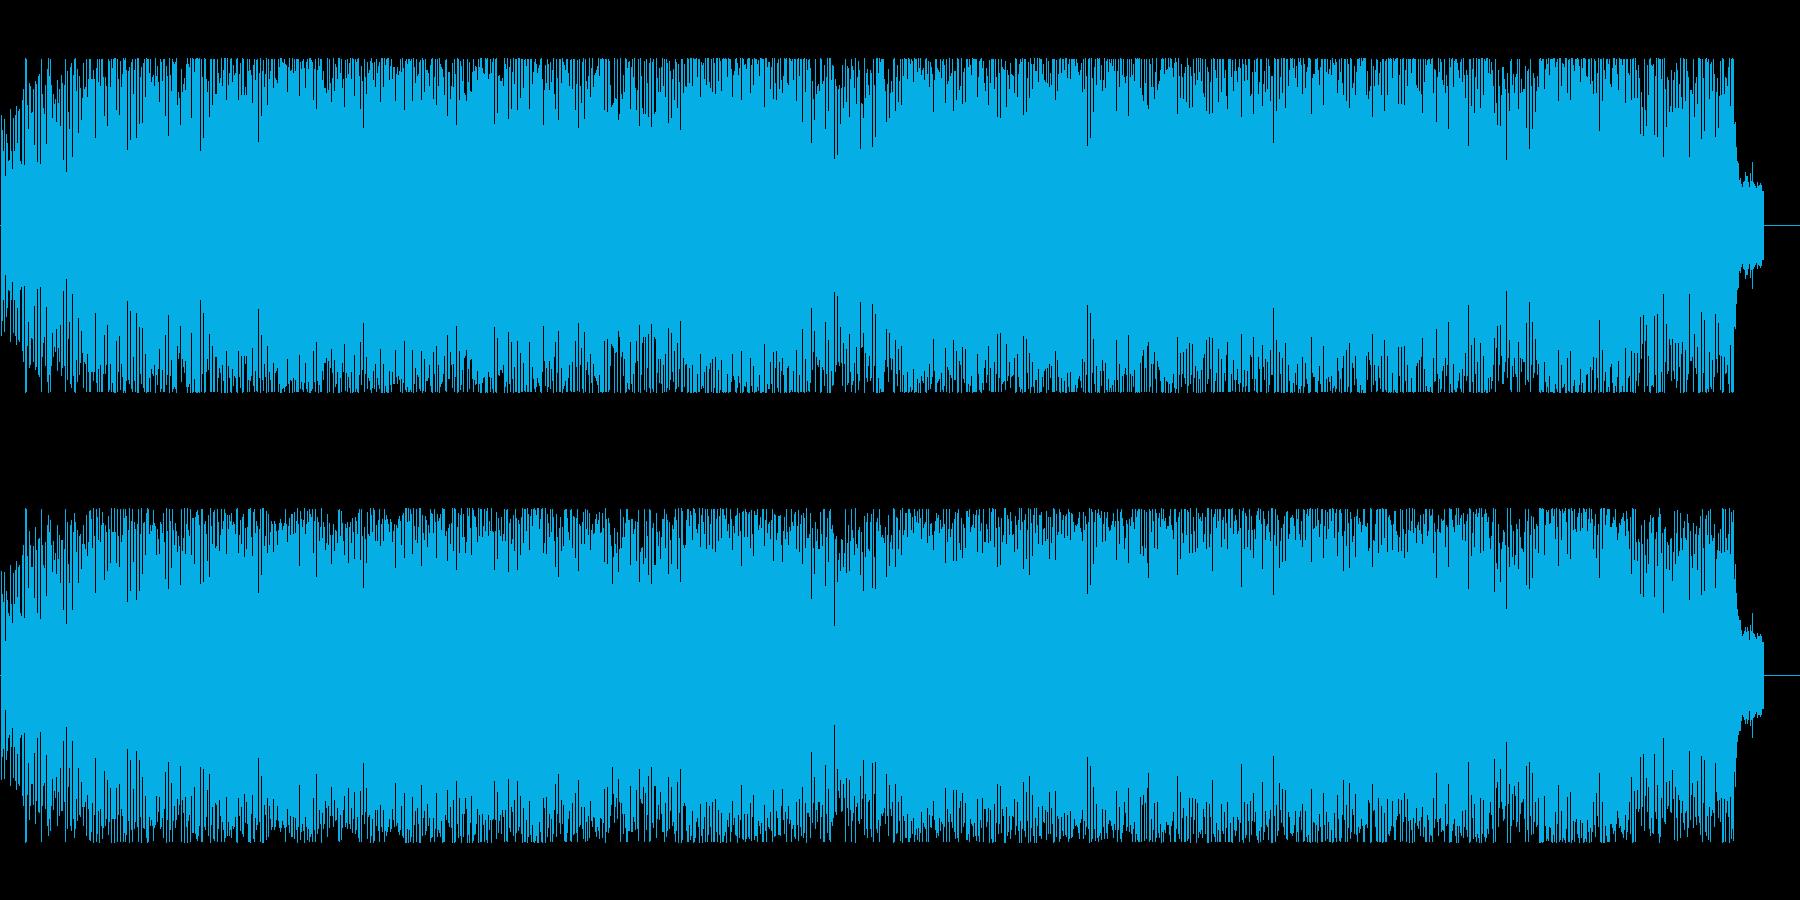 エキサイティングな近未来的エレクトロニカの再生済みの波形